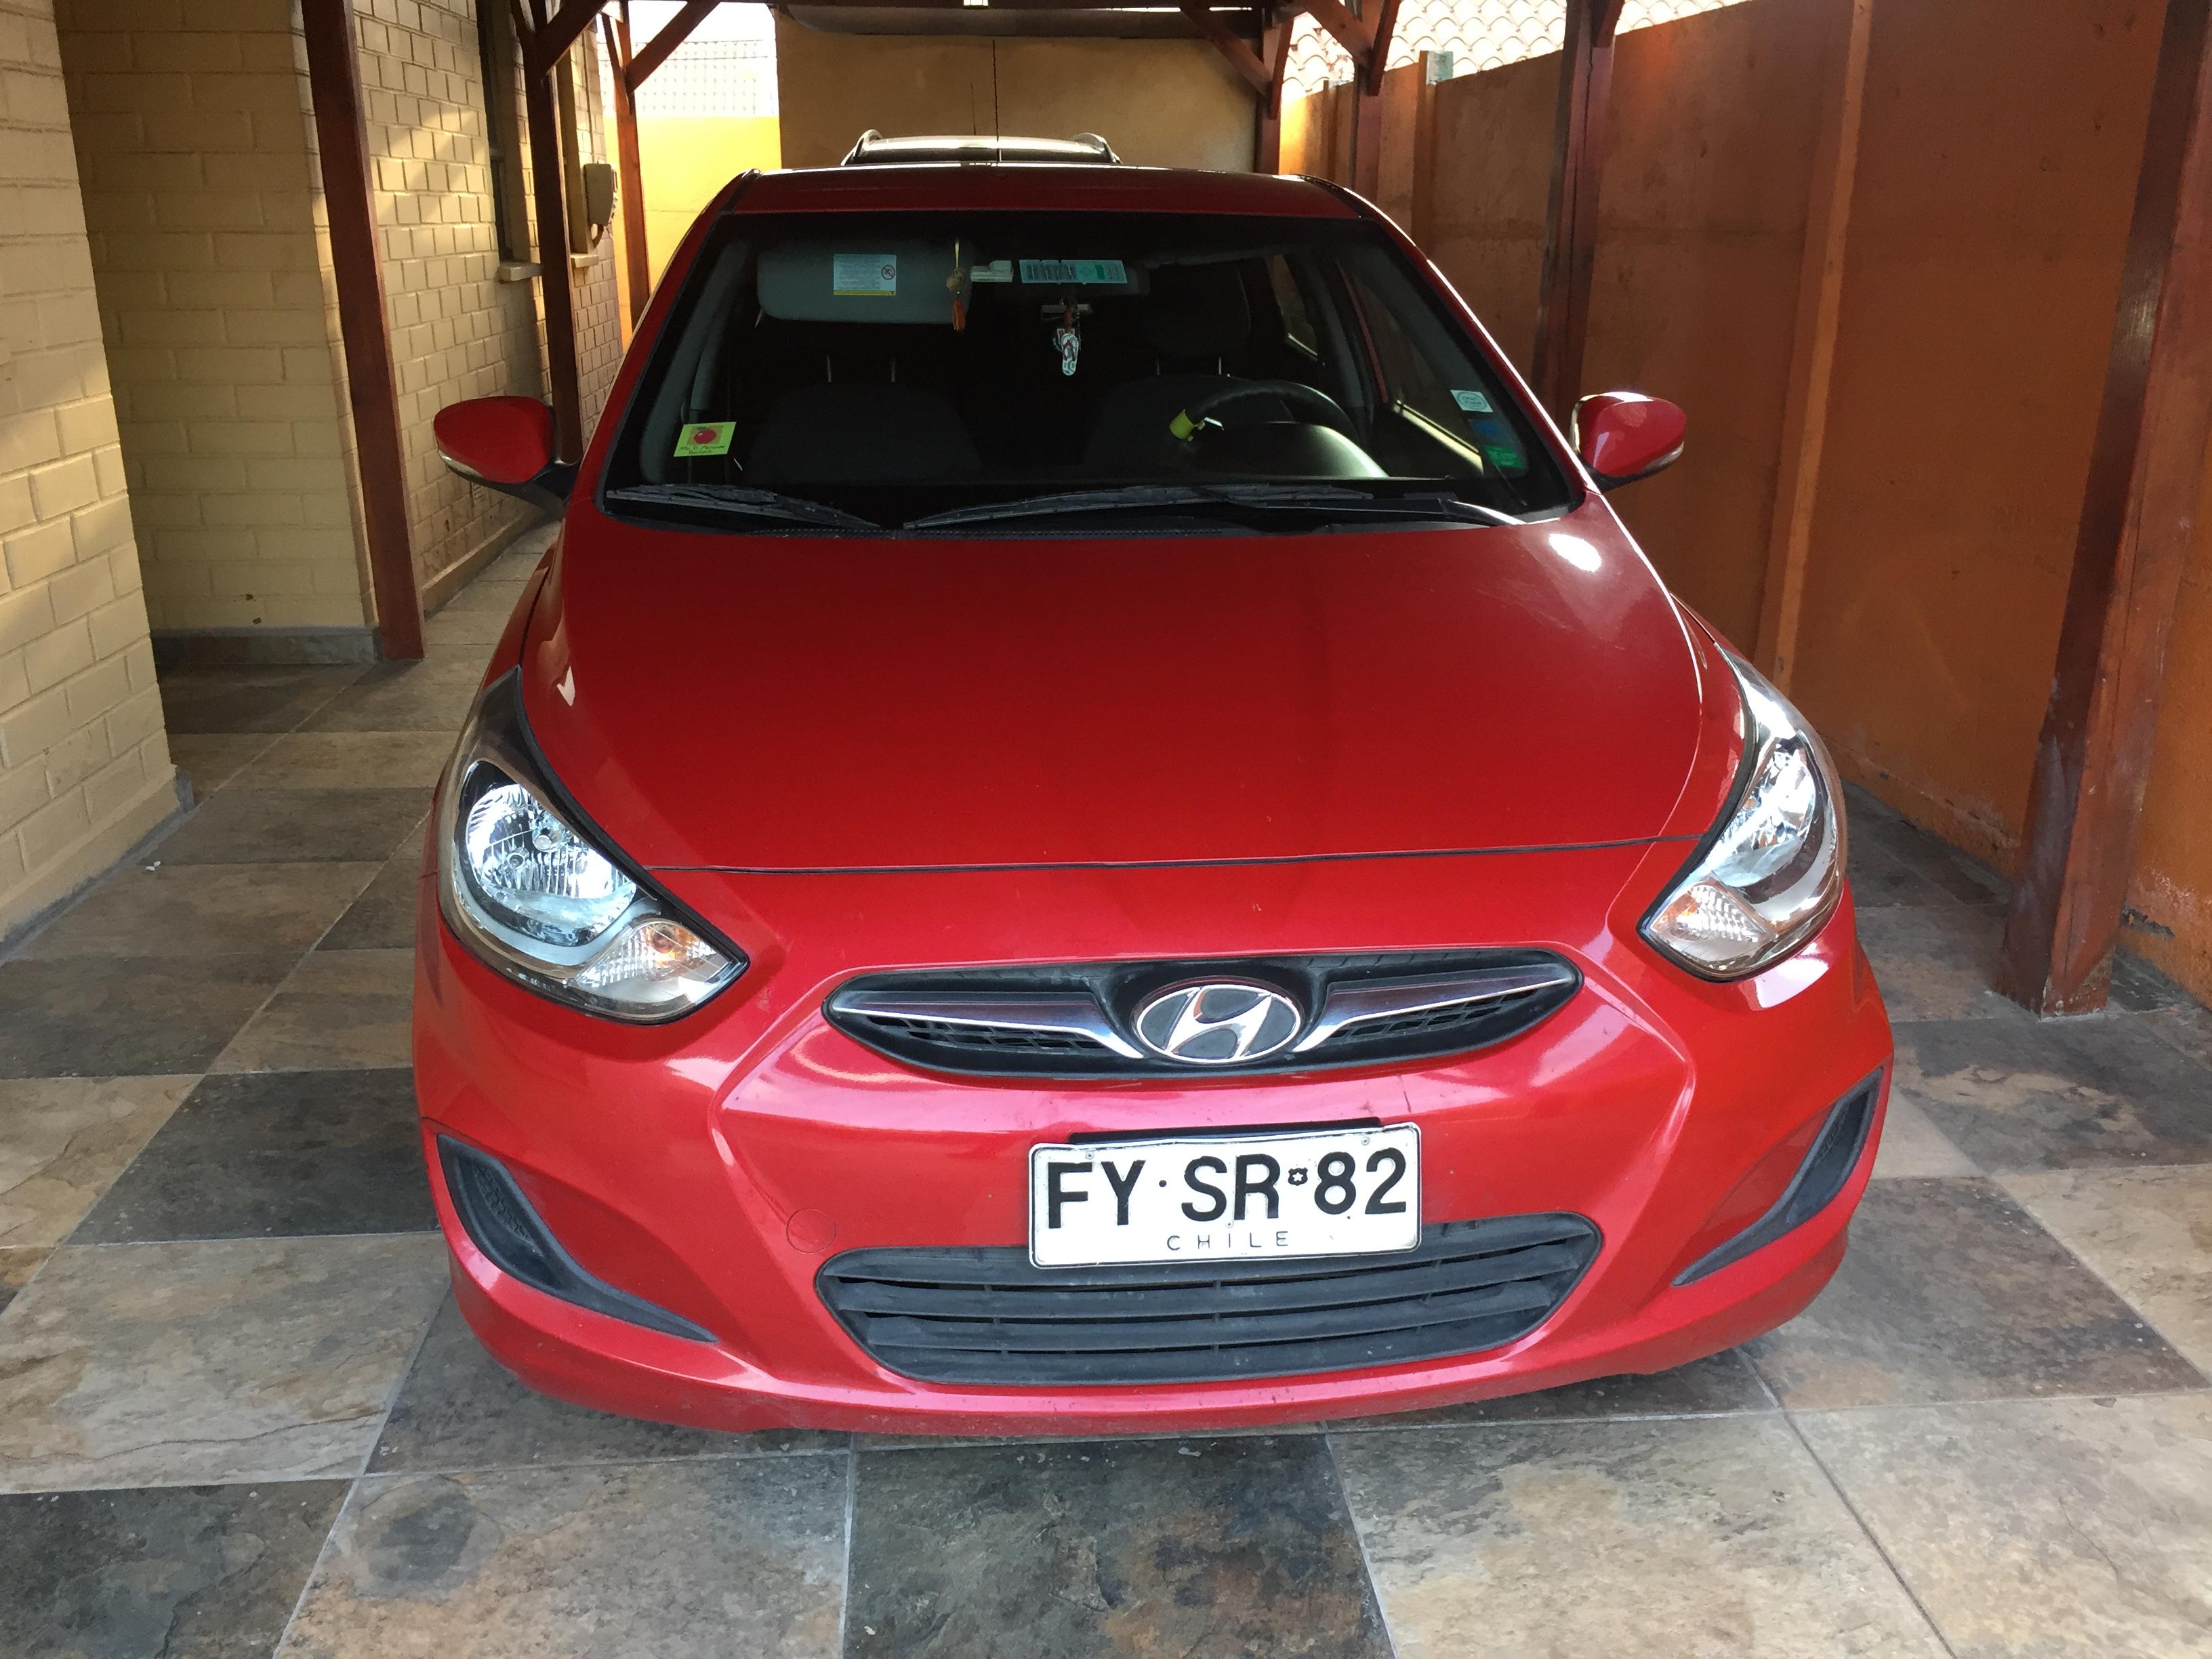 Hyundai Accent 1.4 RB GLS AC 2AB ABS año 2014